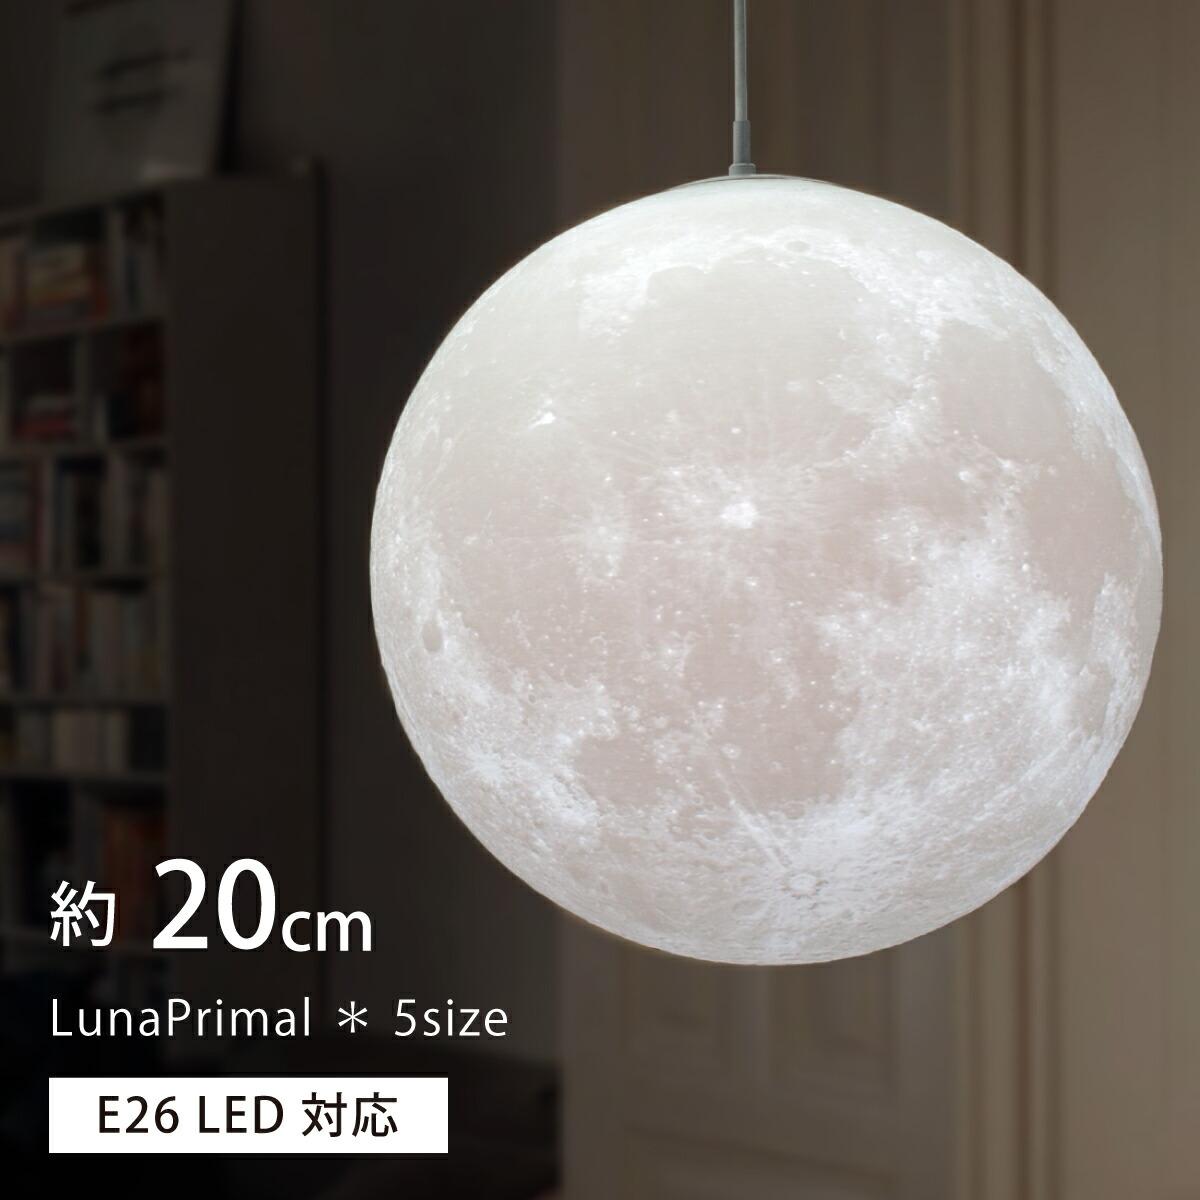 月ペンダントライト20㎝